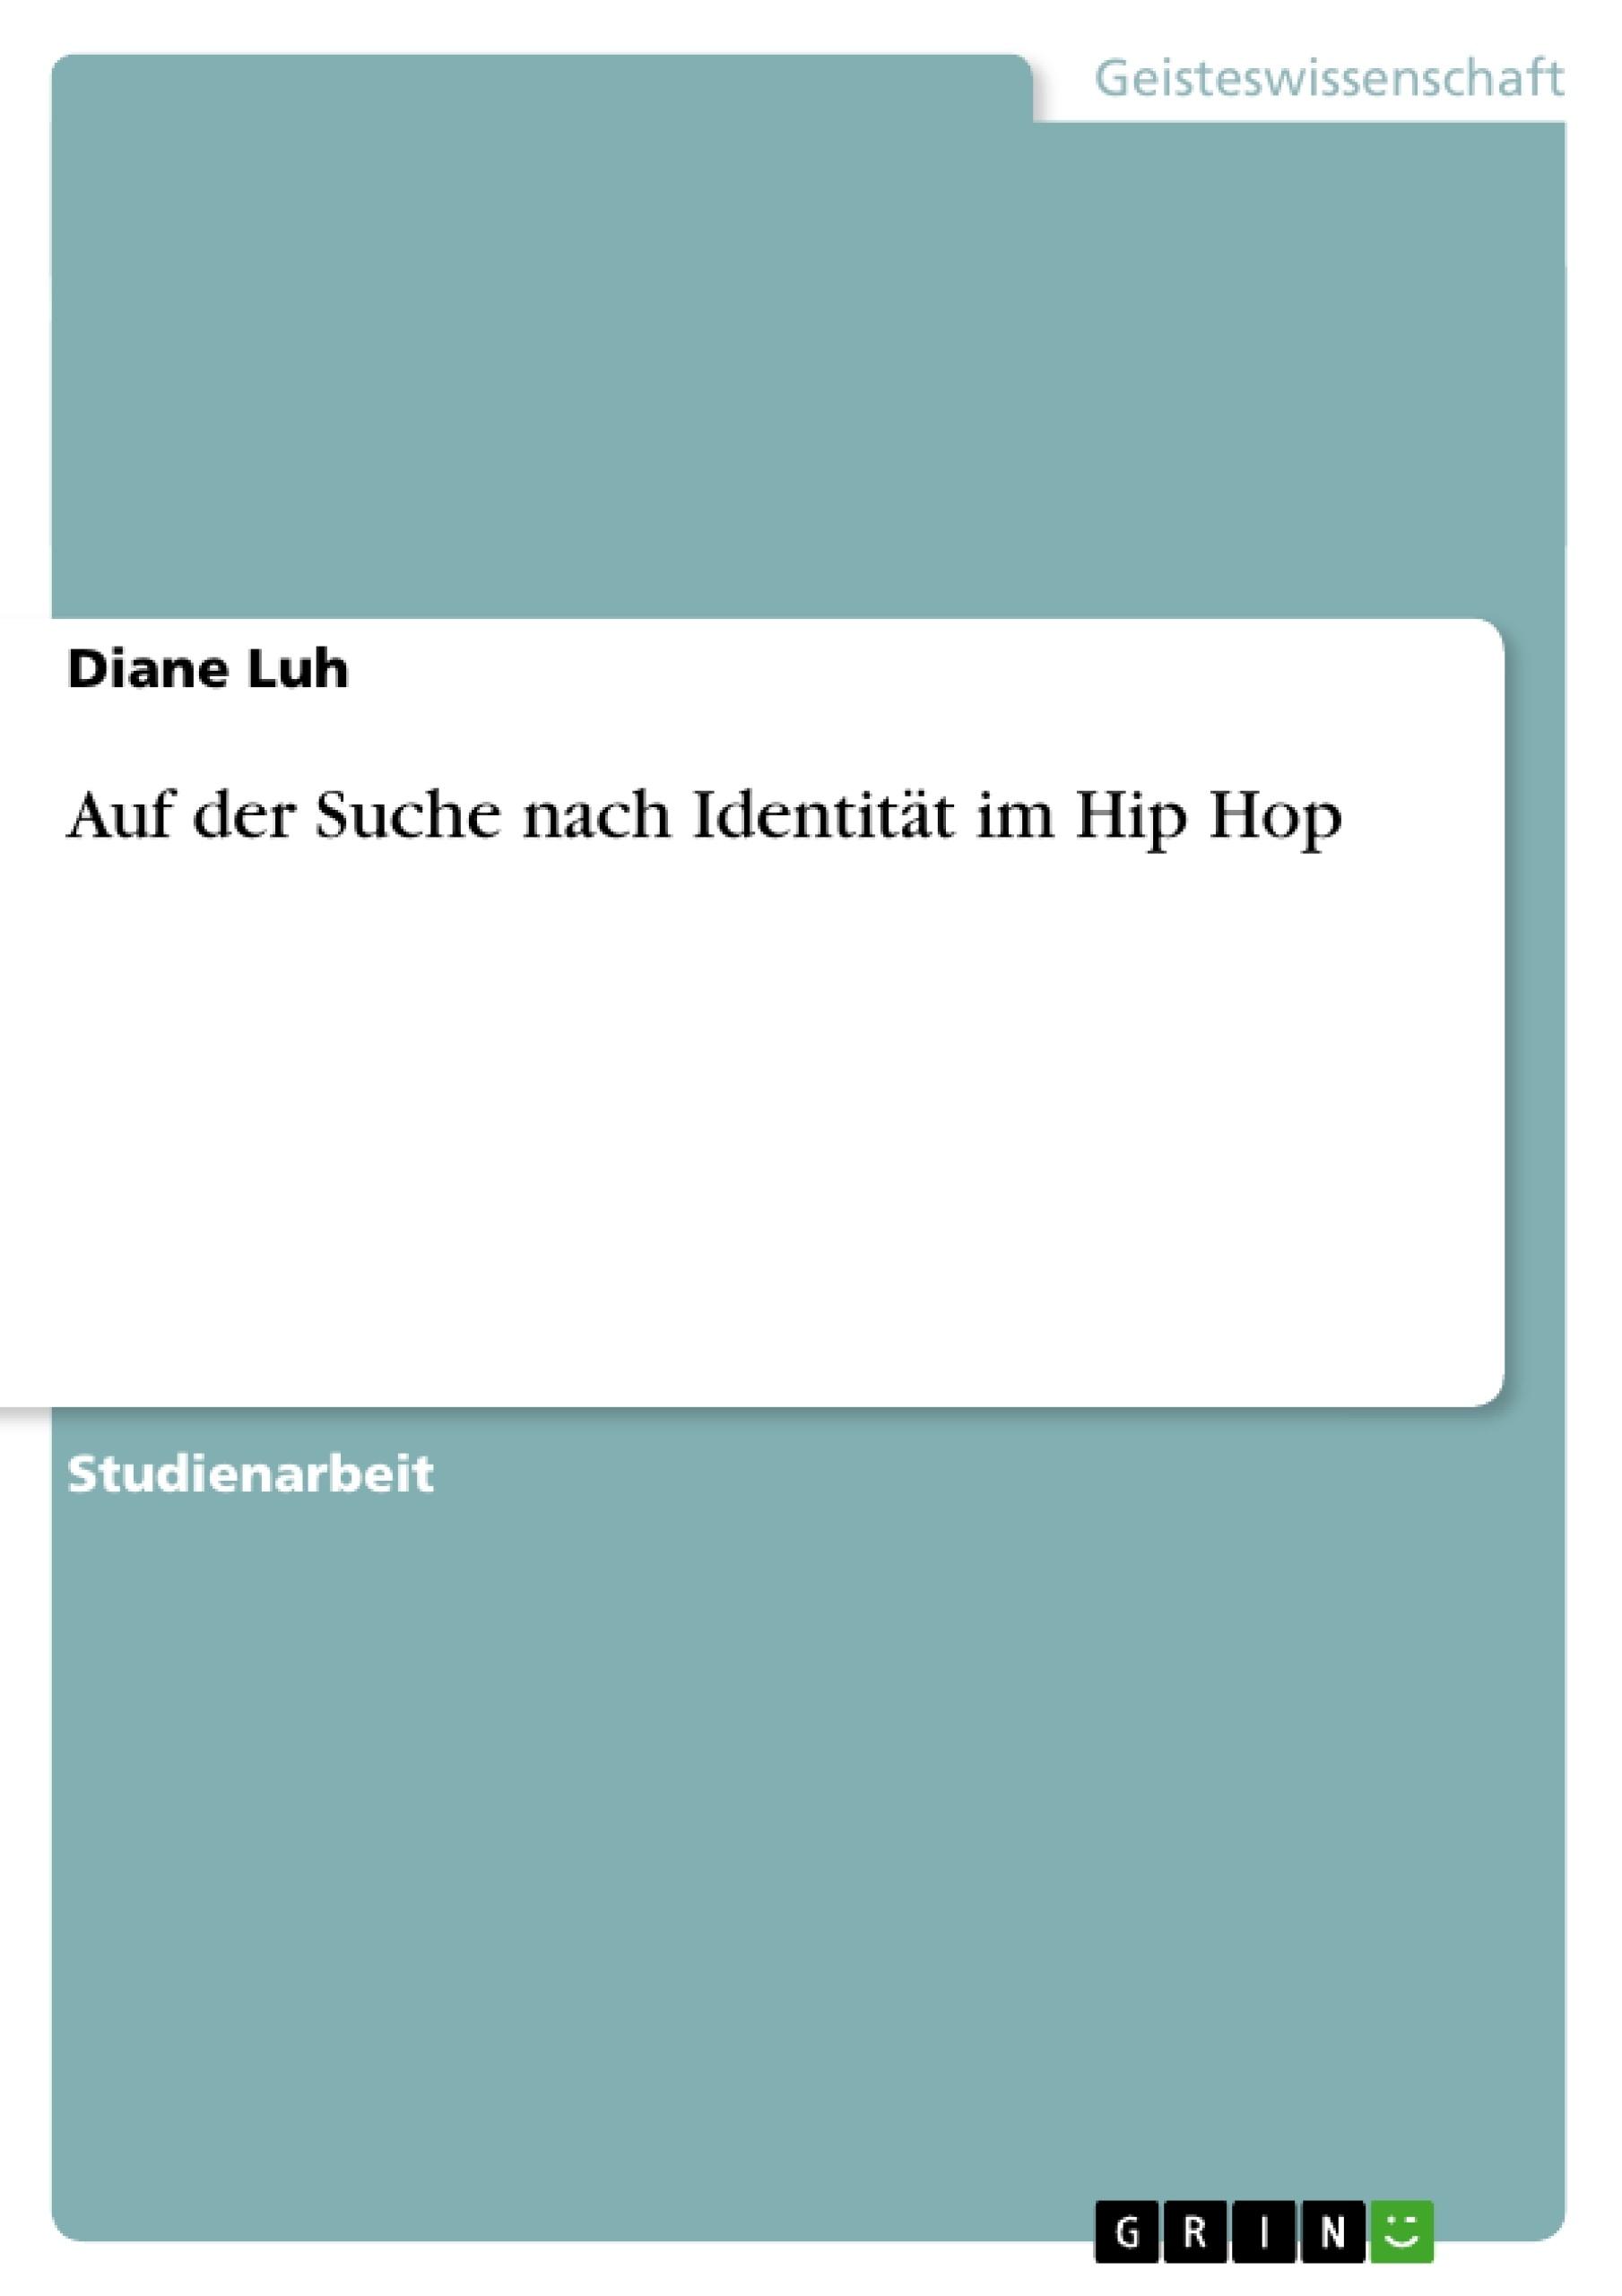 a8cea79b6f631 Auf der Suche nach Identität im Hip Hop